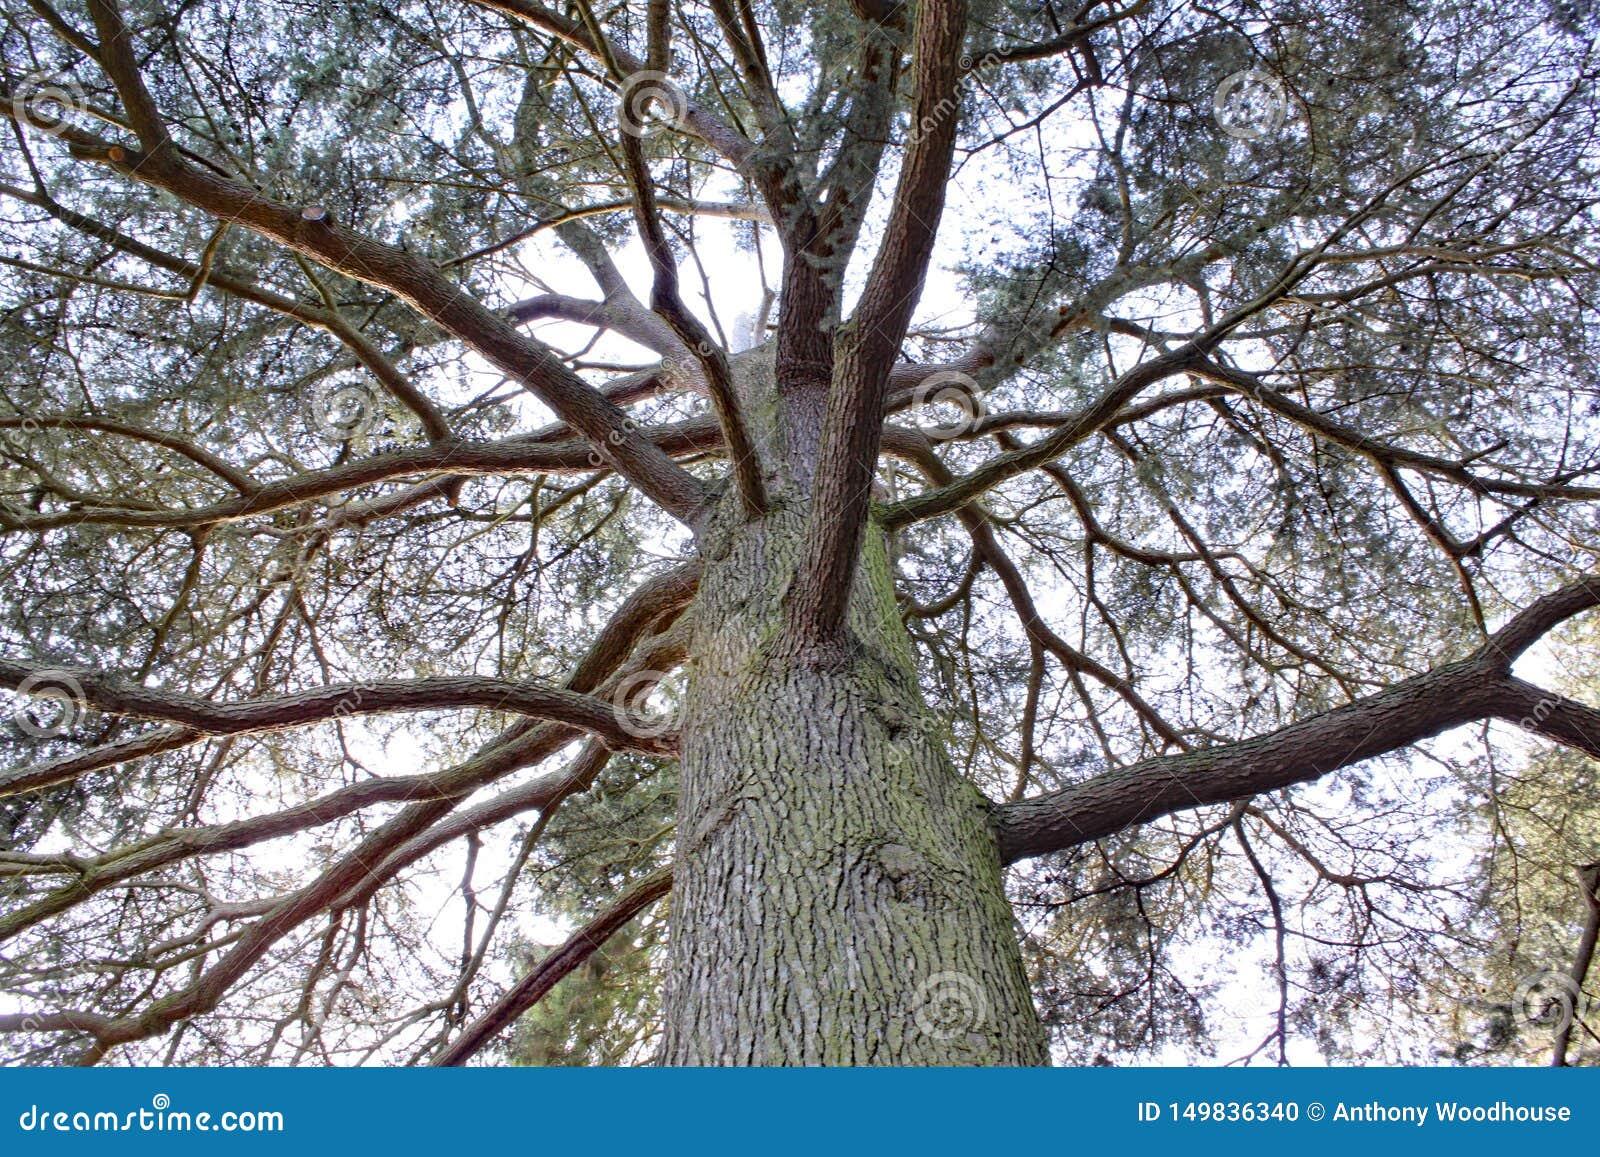 Смотреть вверх в дерево на дендропарке Arley в Midlands в Англии